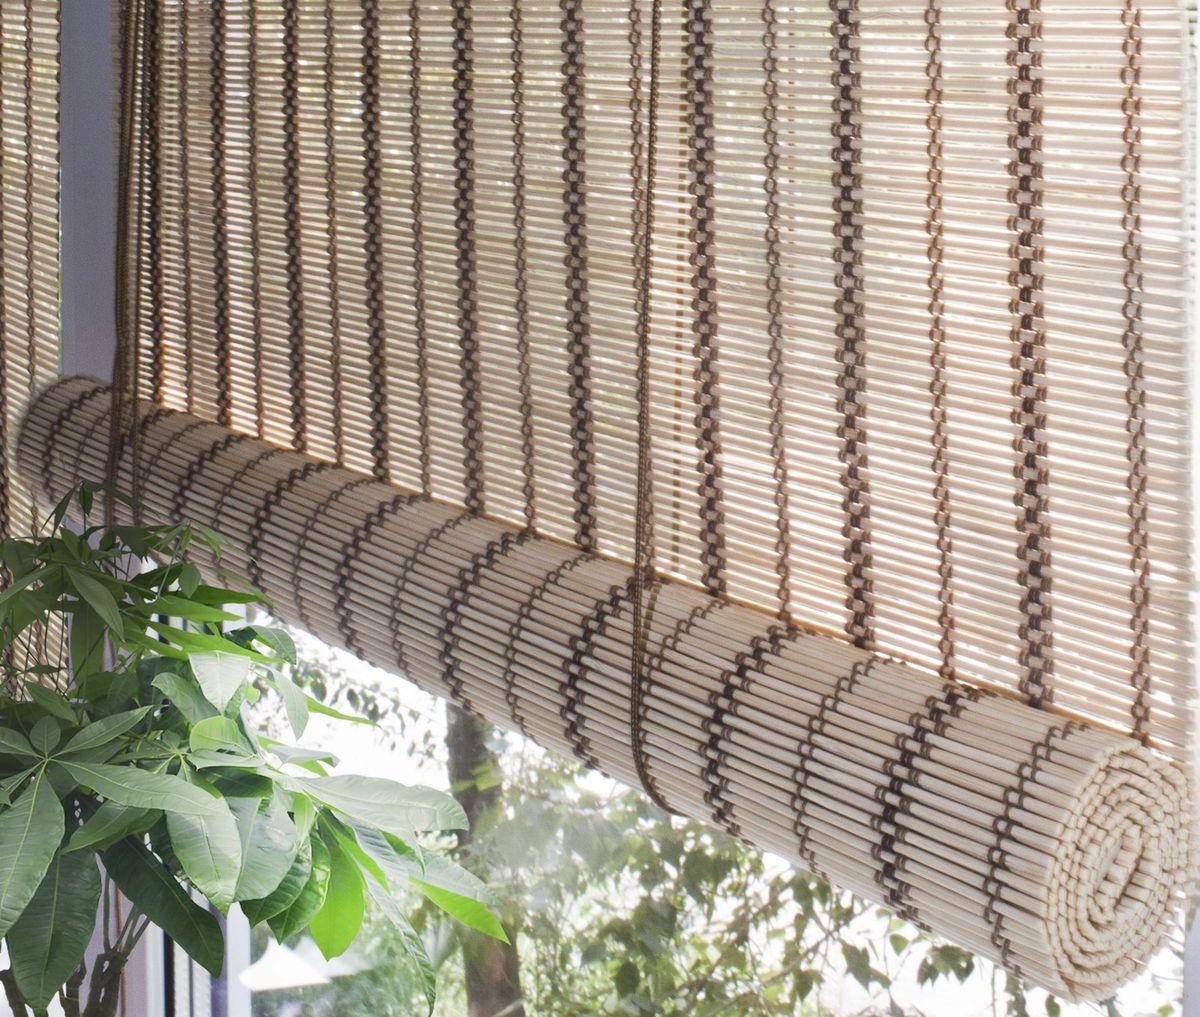 Штора рулонная Эскар Бамбук, цвет: золотой беж, ширина 80 см, высота 160 см7014080160При оформлении интерьера современных помещений многие отдают предпочтение природным материалам. Бамбуковые рулонные шторы - одно из натуральных изделий, способное сделать атмосферу помещения более уютной и в то же время необычной. Свойства бамбука уникальны: он экологически чист, так как быстро вырастает, благодаря чему не успевает накопить вредные вещества из окружающей среды. Кроме того, растение обладает противомикробным и антибактериальным действием. Занавеси из бамбука безопасно использовать в помещениях, где находятся новорожденные дети и люди, склонные к аллергии. Они незаменимы для тех, кто заботится о своем здоровье и уделяет внимание высокому уровню жизни.Бамбуковые рулонные шторы представляют собой полотно, состоящее из тонких бамбуковых стеблей и сворачиваемое в рулон.Римские бамбуковые шторы, как и тканевые римские шторы, при поднятии образуют крупные складки, которые прекрасно декорируют окно.Особенность устройства полотна позволяет свободно пропускать дневной свет, что обеспечивает мягкое освещение комнаты. Это натуральный влагостойкий материал, который легко вписывается в любой интерьер, хорошо сочетается с различной мебелью и элементами отделки. Использование бамбукового полотна придает помещению необычный вид и визуально расширяет пространство.Помимо внешней красоты, это еще и очень удобные конструкции, экономящие пространство. Изготавливаются они из специальных материалов, устойчивых к внешним воздействиям. Сама штора очень эргономичная, и позволяет изменять визуально пространство в зависимости от потребностей владельца.